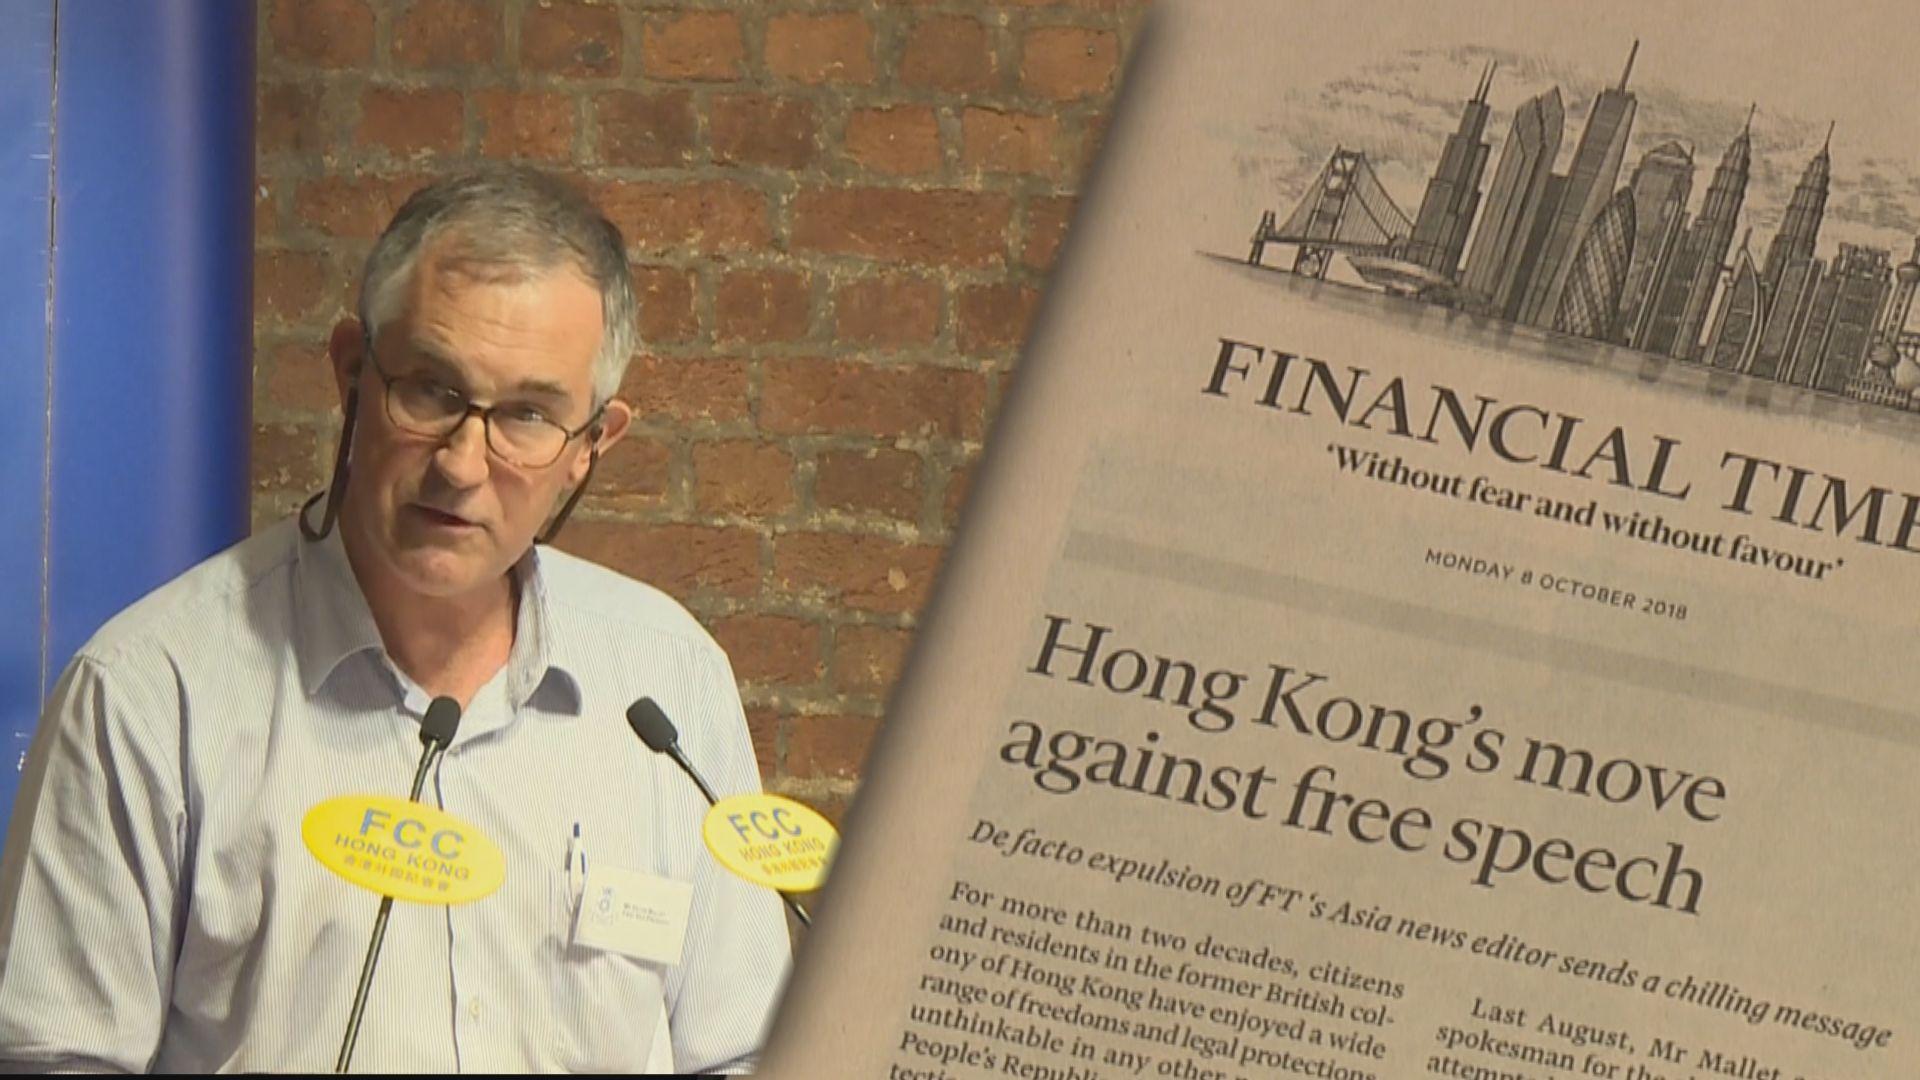 《金融時報》指馬凱事件打擊香港言論自由